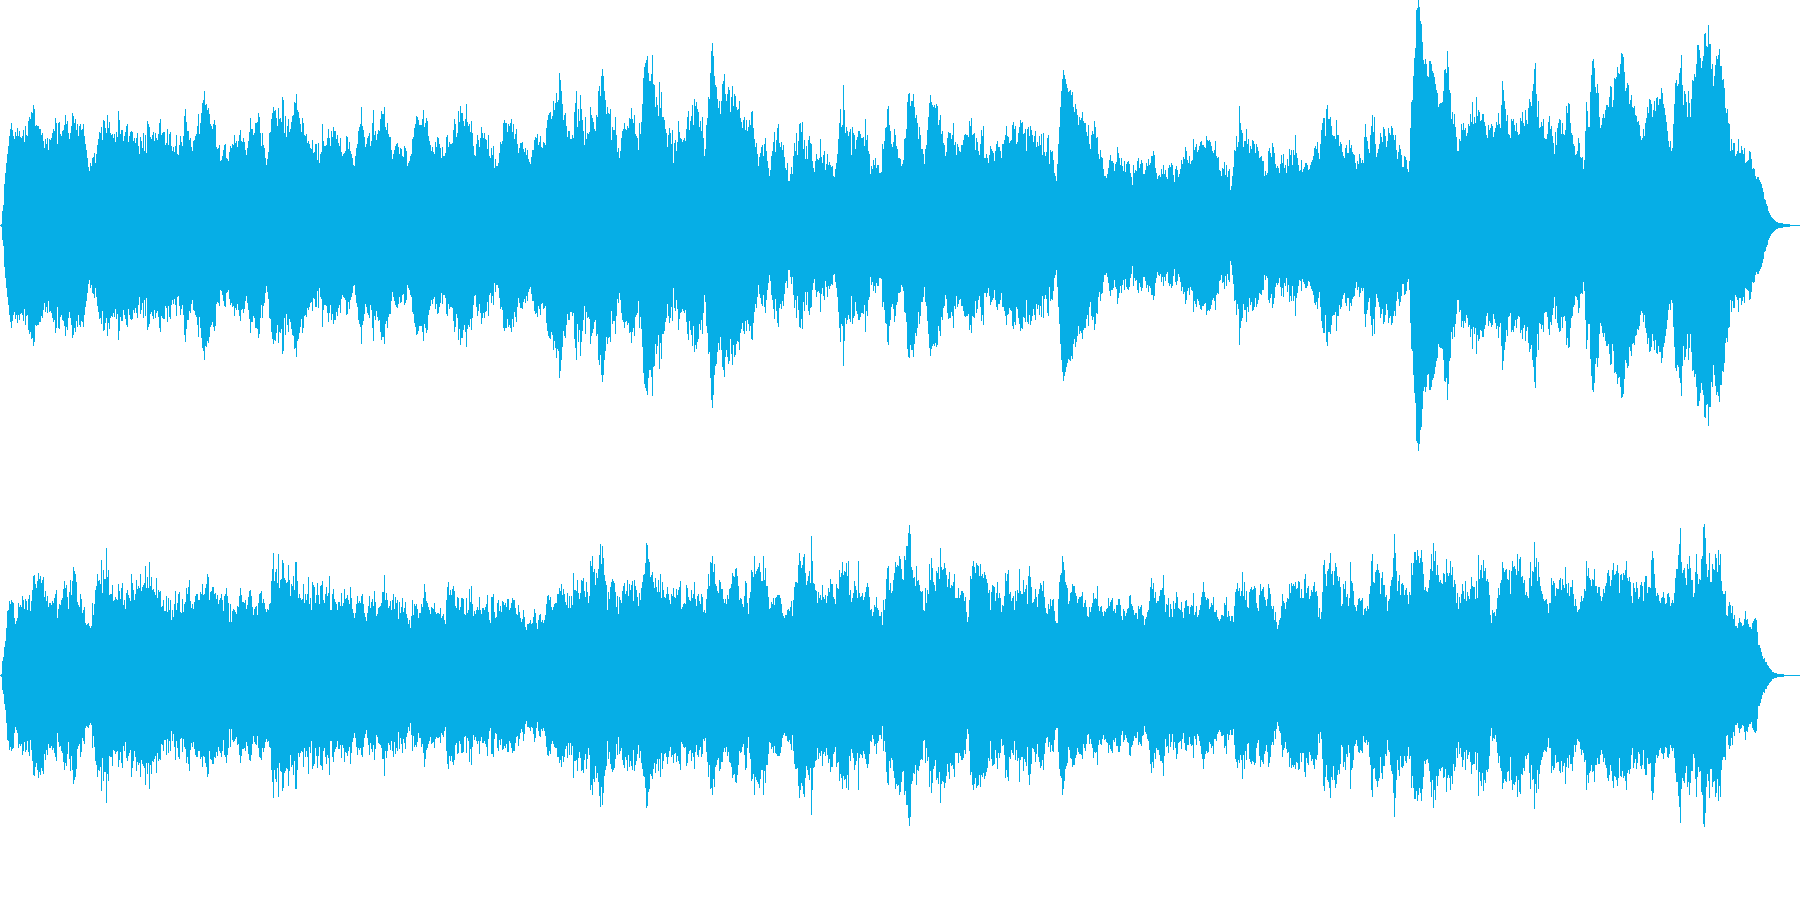 パイプオルガンのバッハ風オリジナル曲ですの再生済みの波形